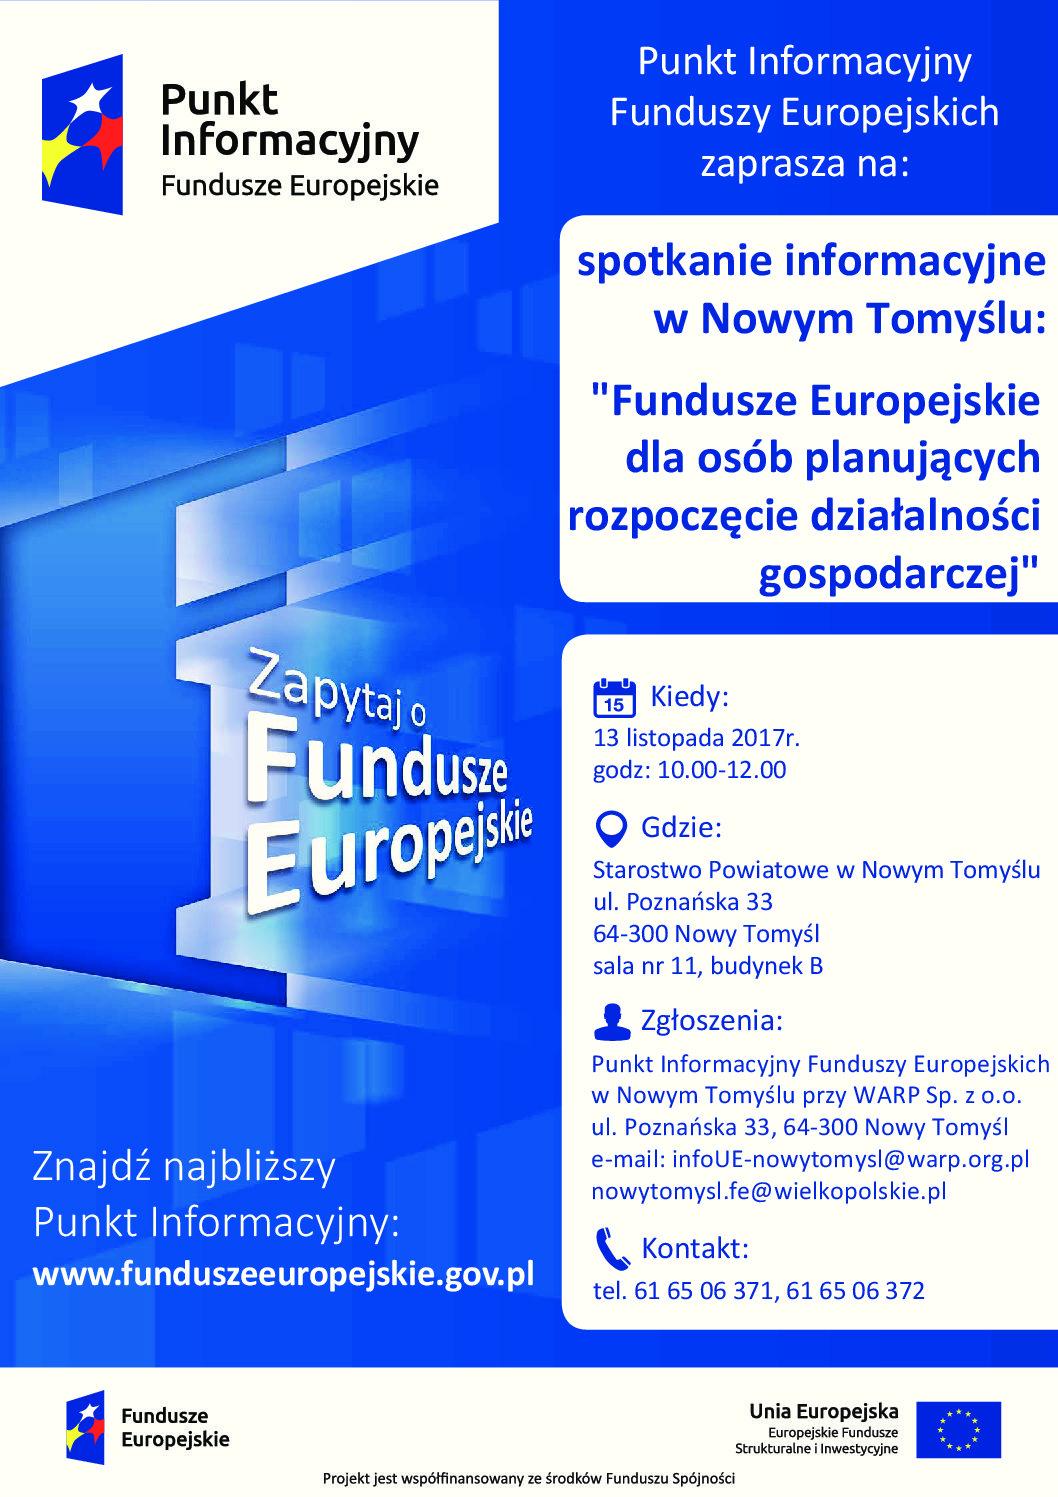 Fundusze Europejskie dla osób planujących rozpoczęcie działalności gospodarczej